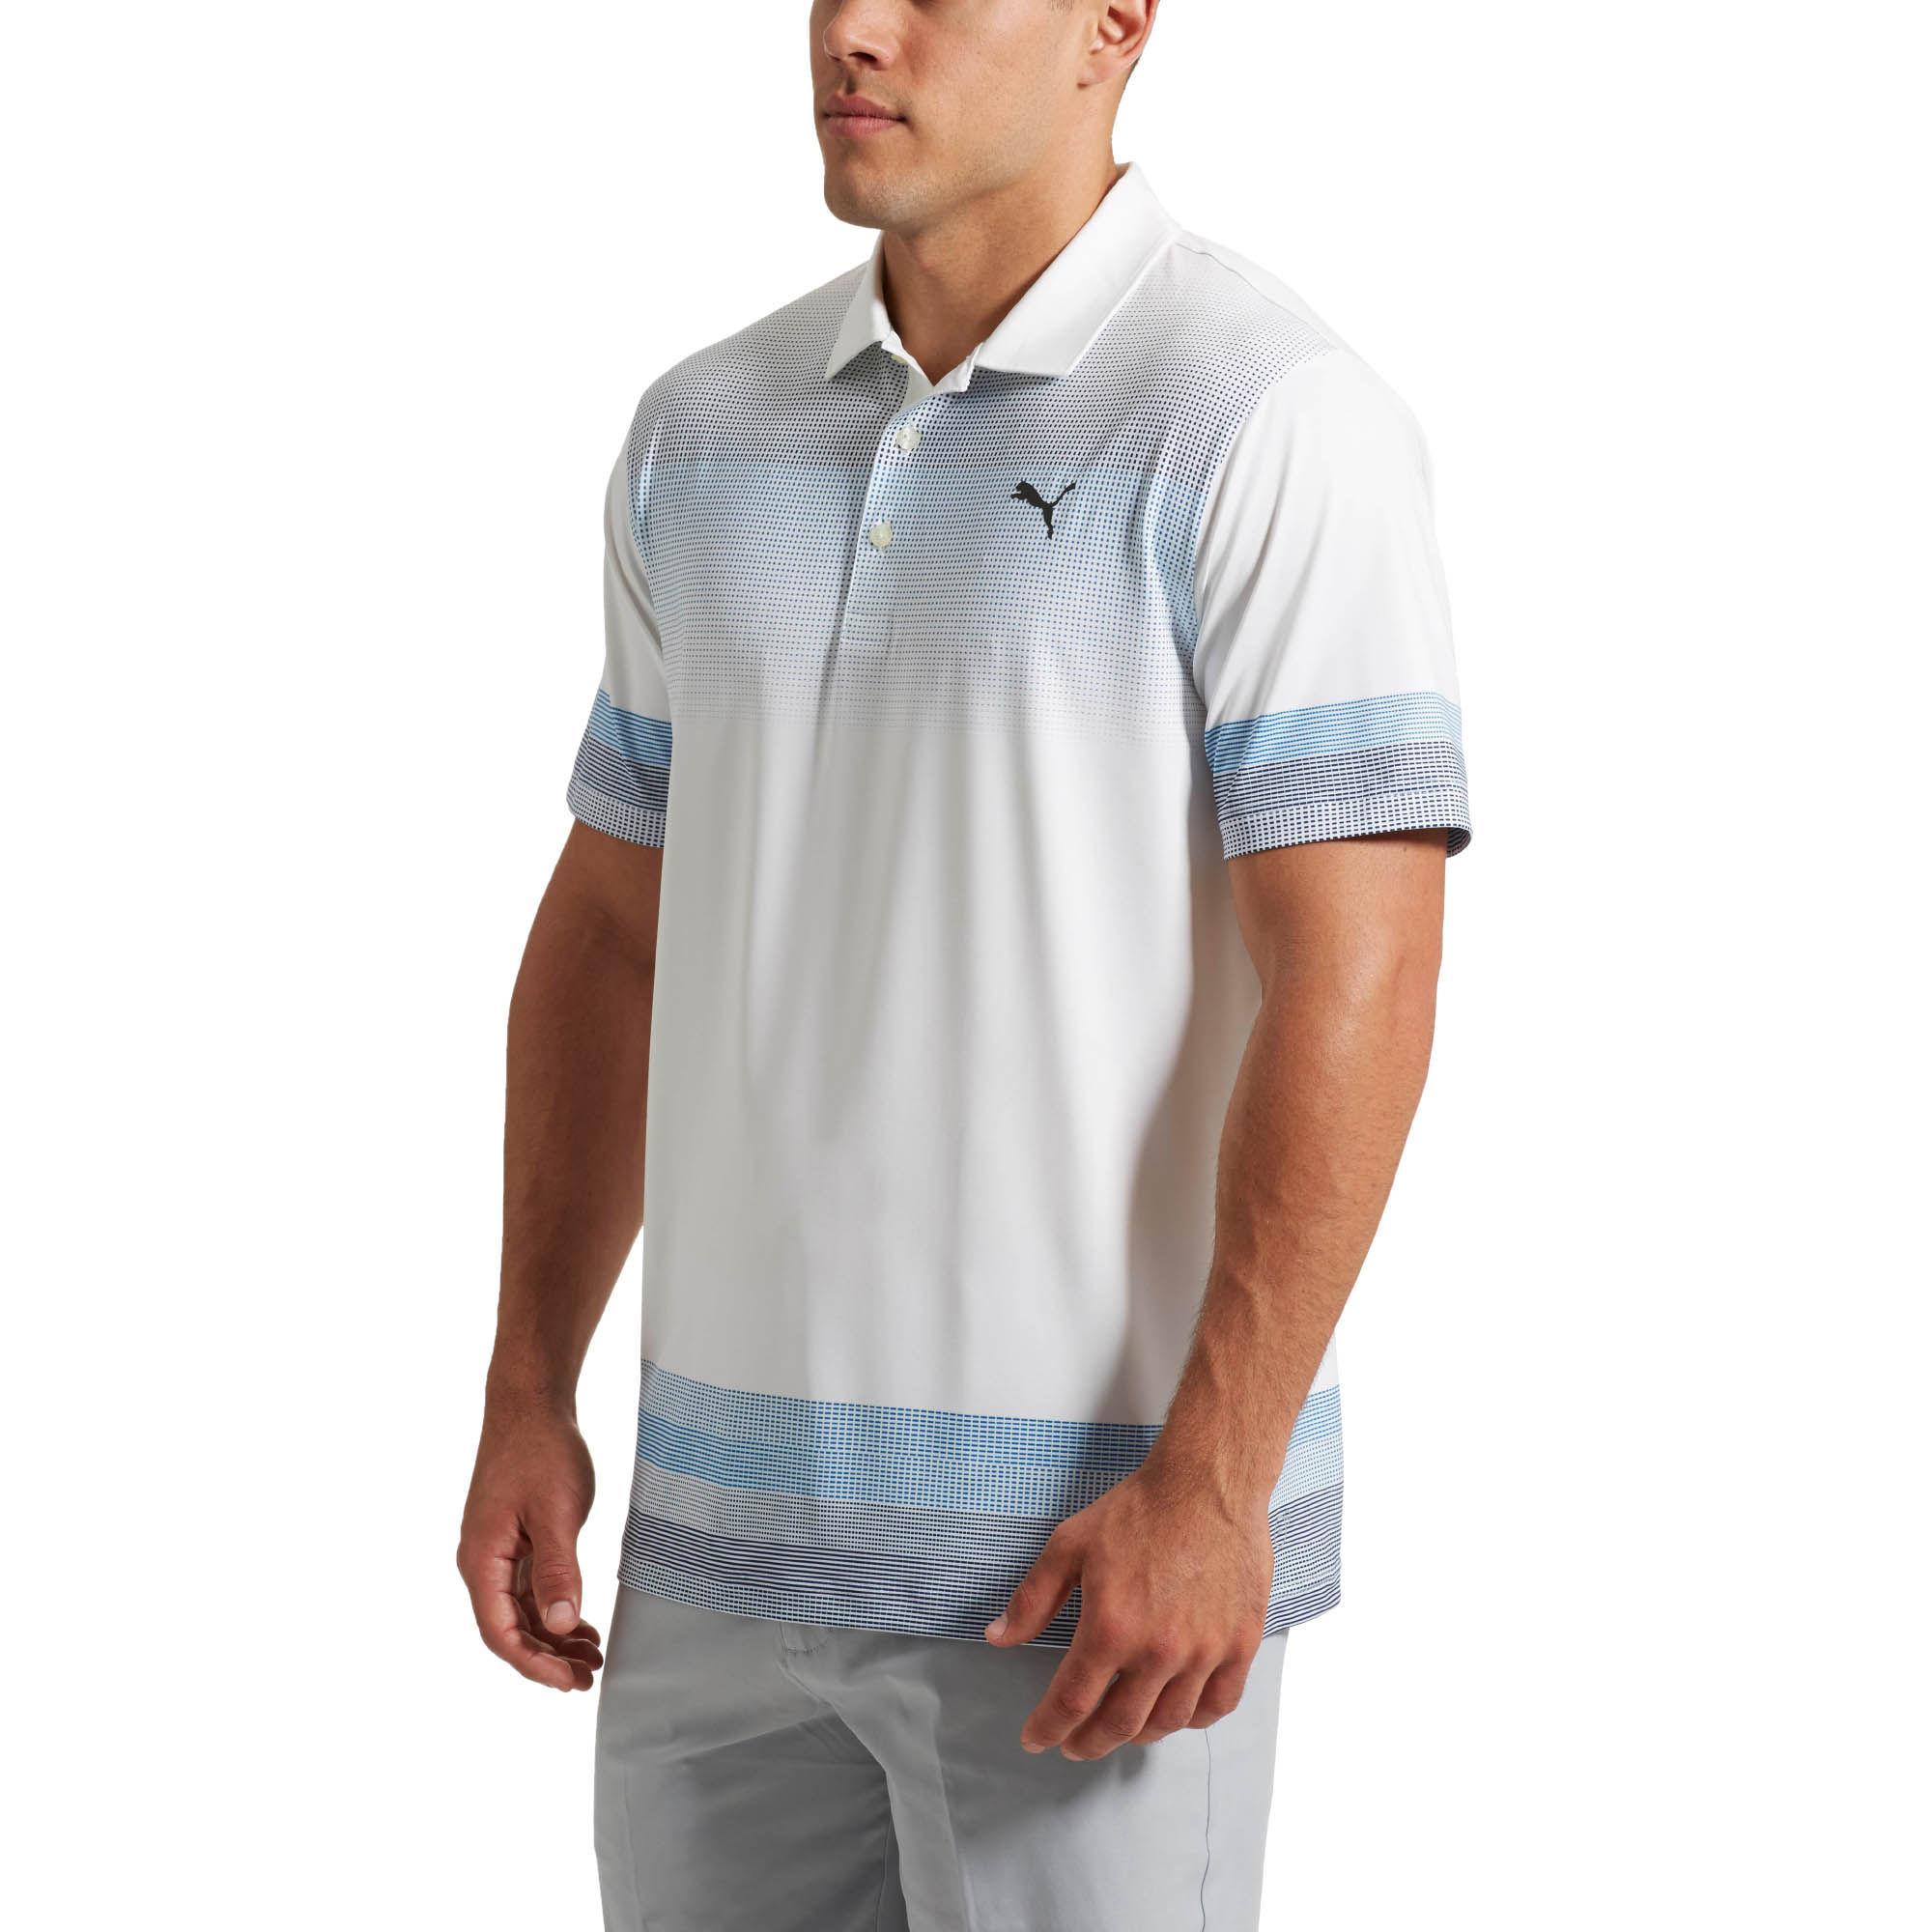 Untucked Mens Shirts Canada Joe Maloy